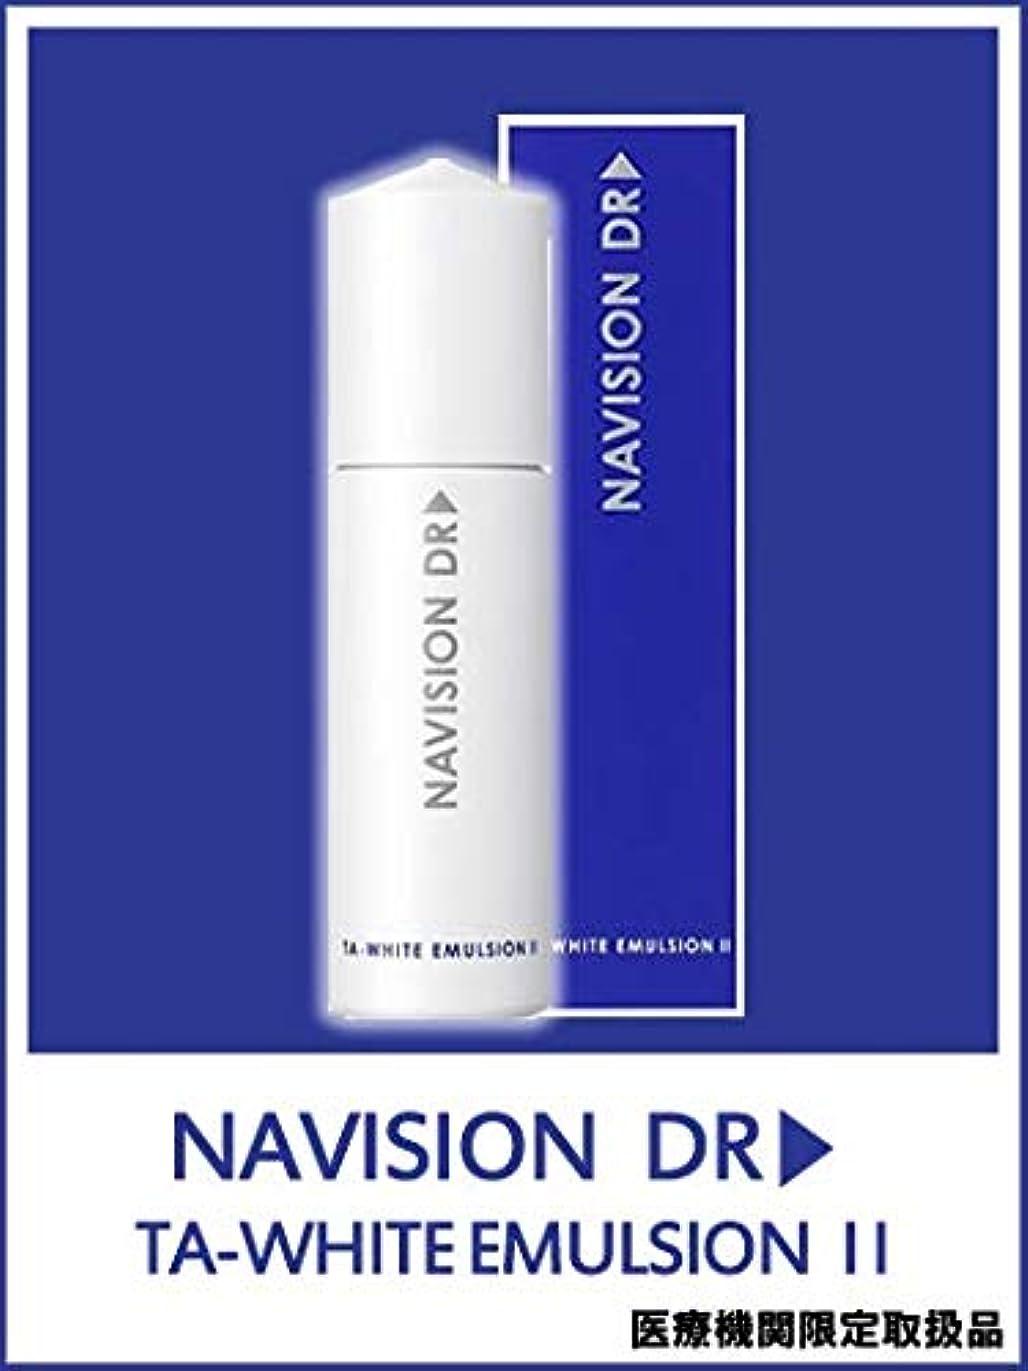 モトリー取得するプレゼントNAVISION DR? ナビジョンDR TAホワイトエマルジョンⅡnしっとりうるおうタイプ(医薬部外品) 120mL